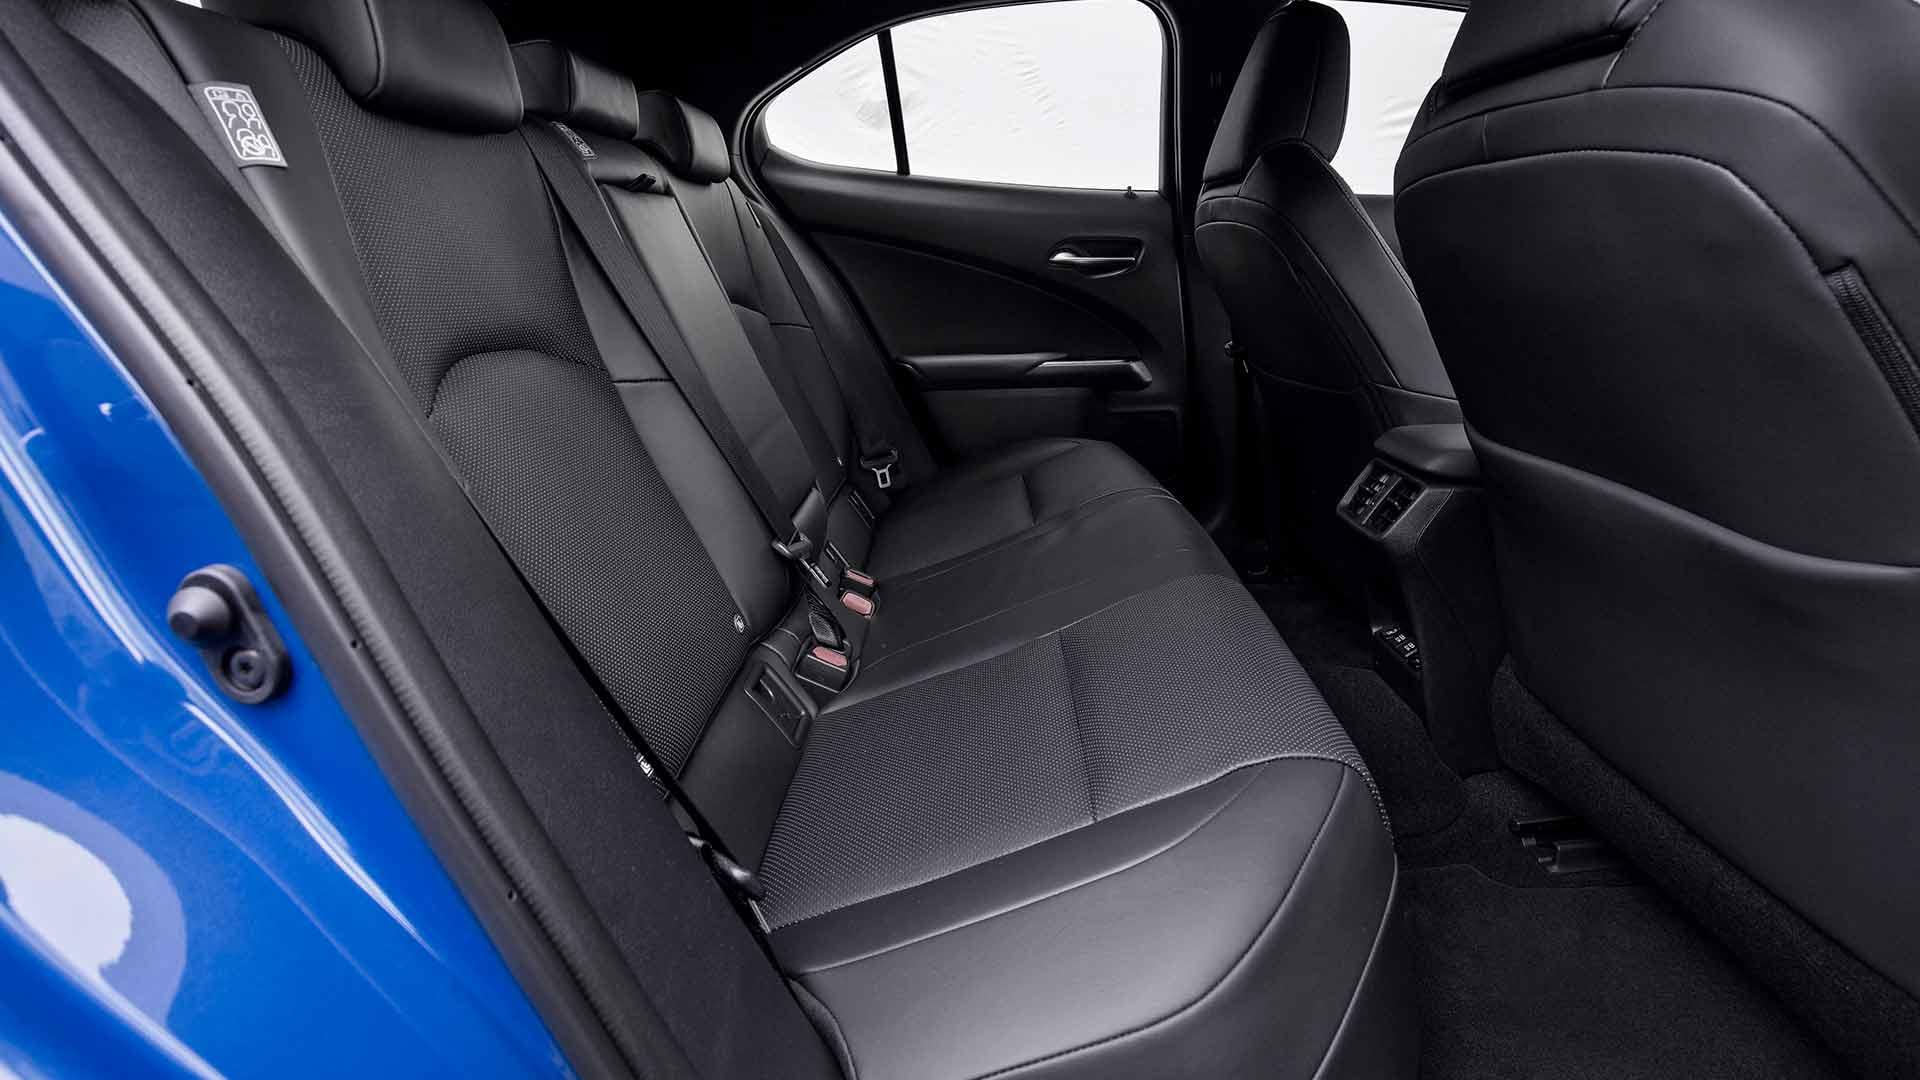 Lexus UX300e Deutschlandpremiere Galleryitem 12 1920x1080px